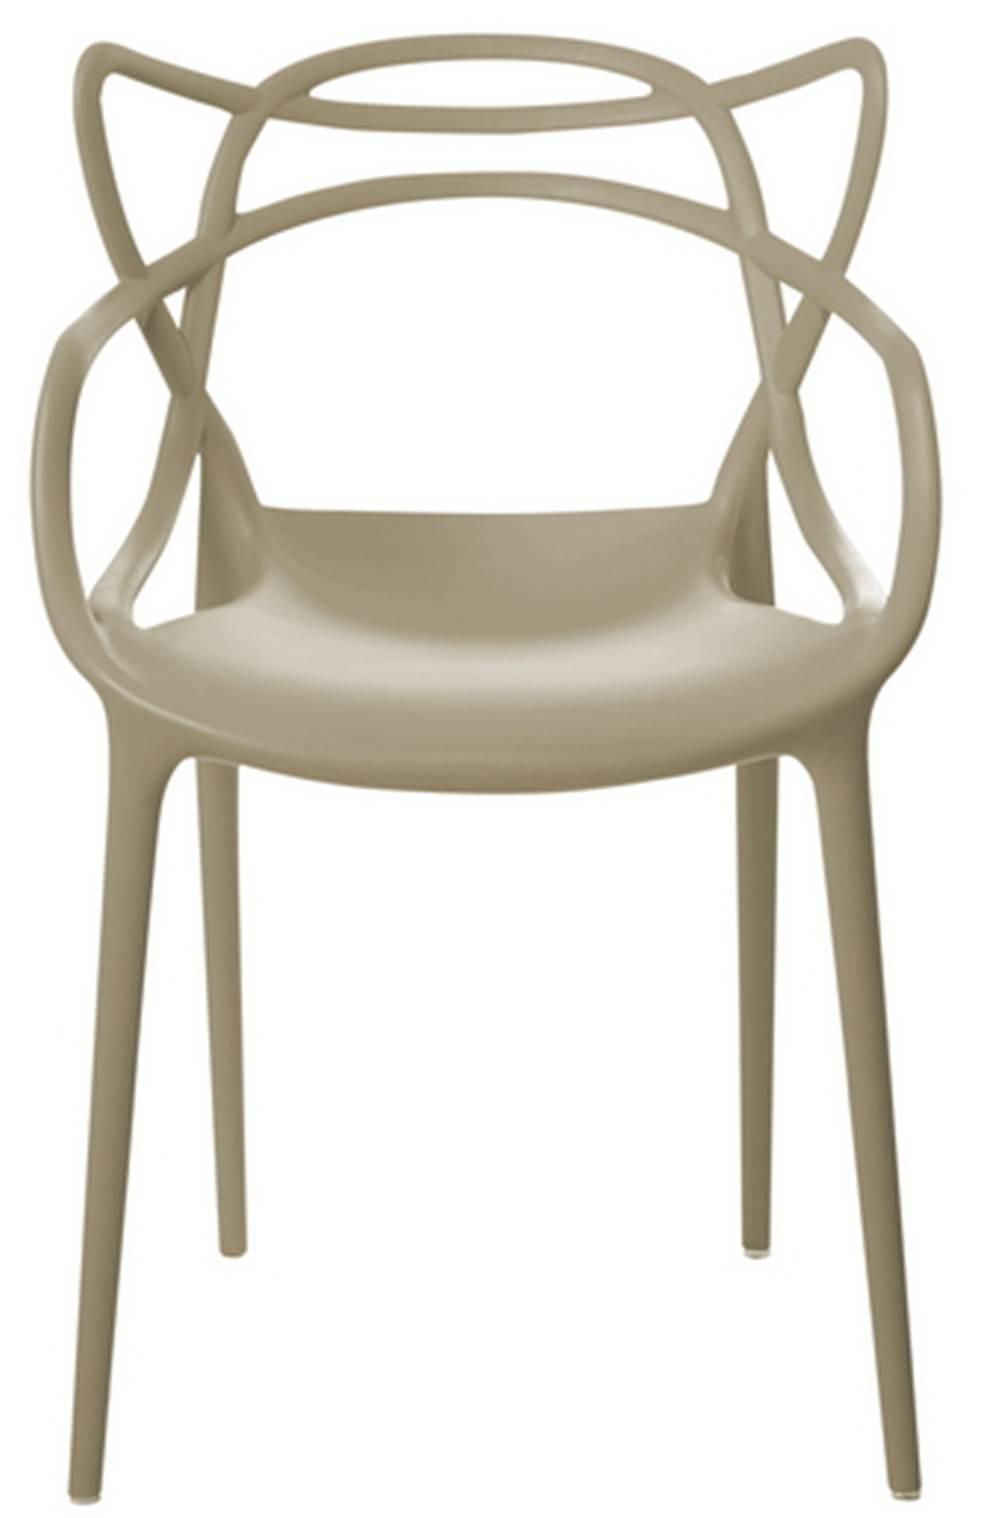 Cadeira Master Allegra Polipropileno Nude - 23148